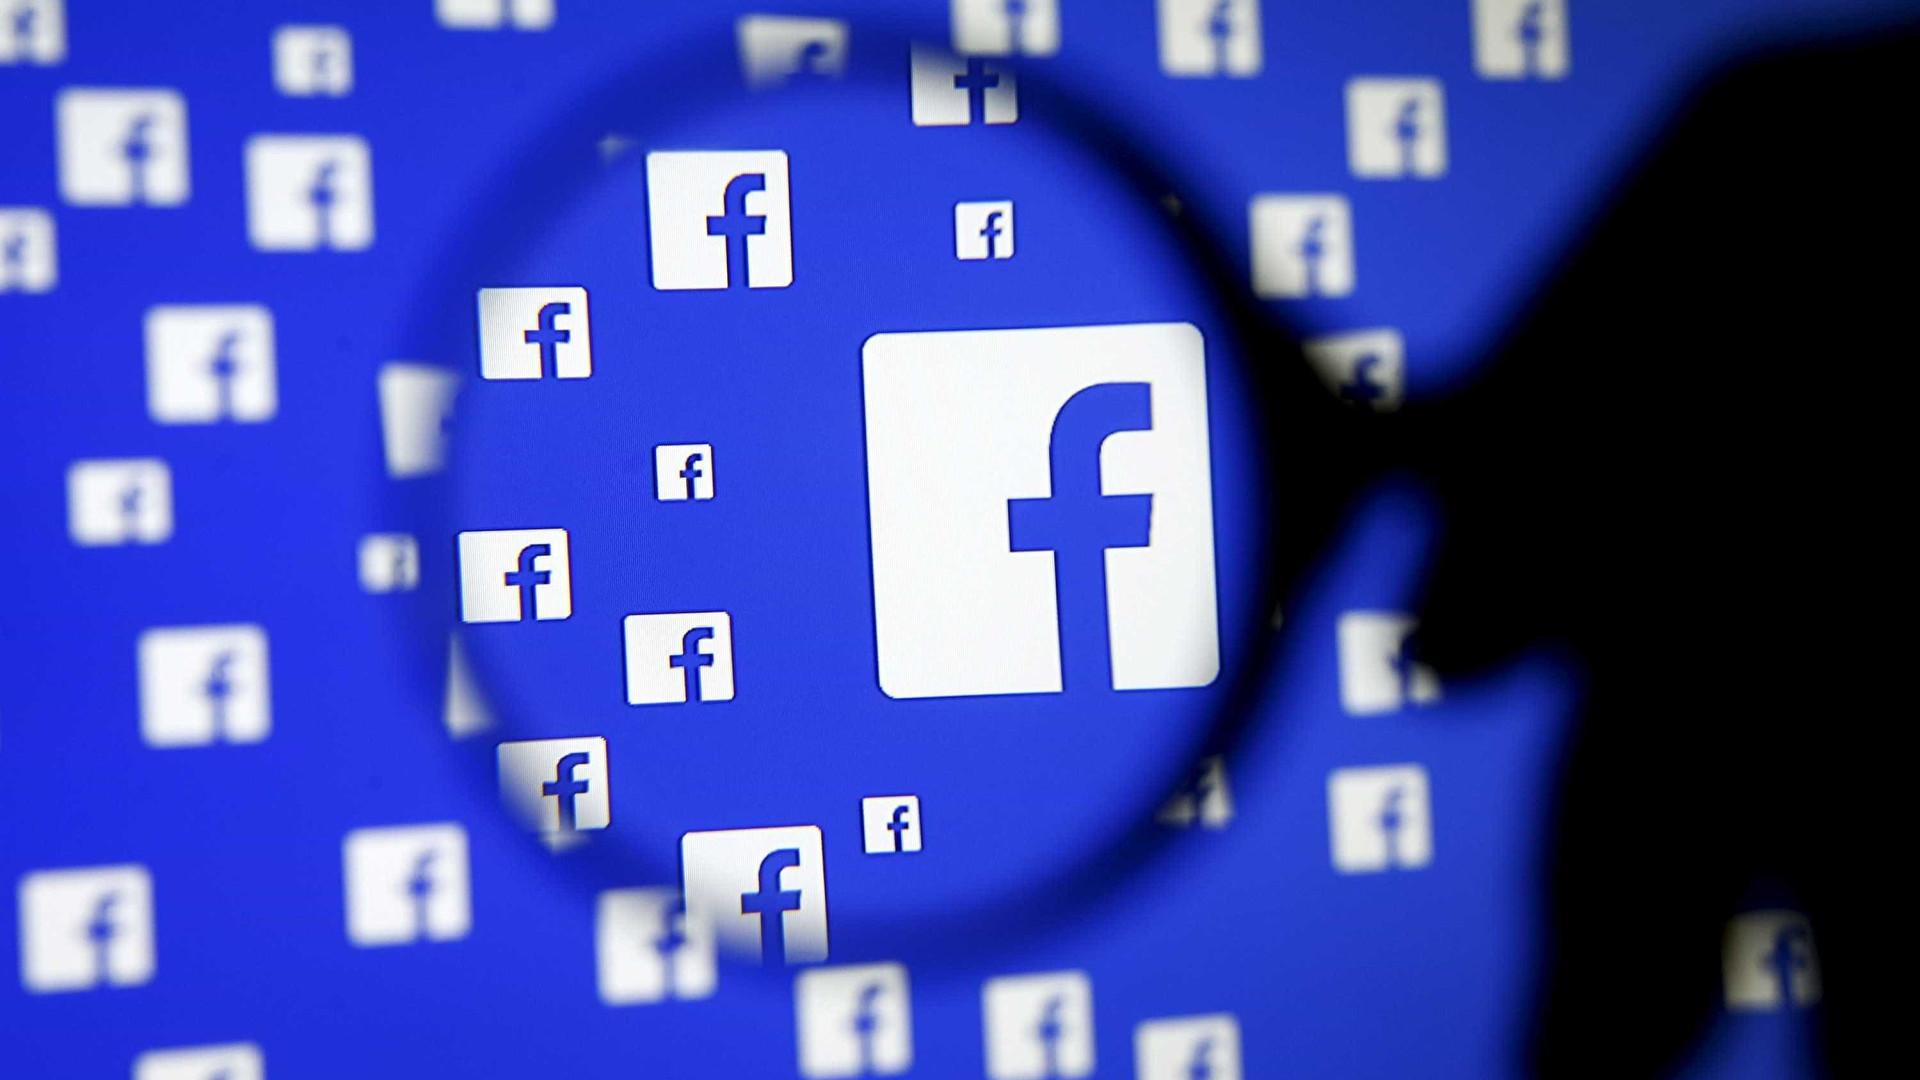 Estudo defende que há quatro tipos de pessoas no Facebook